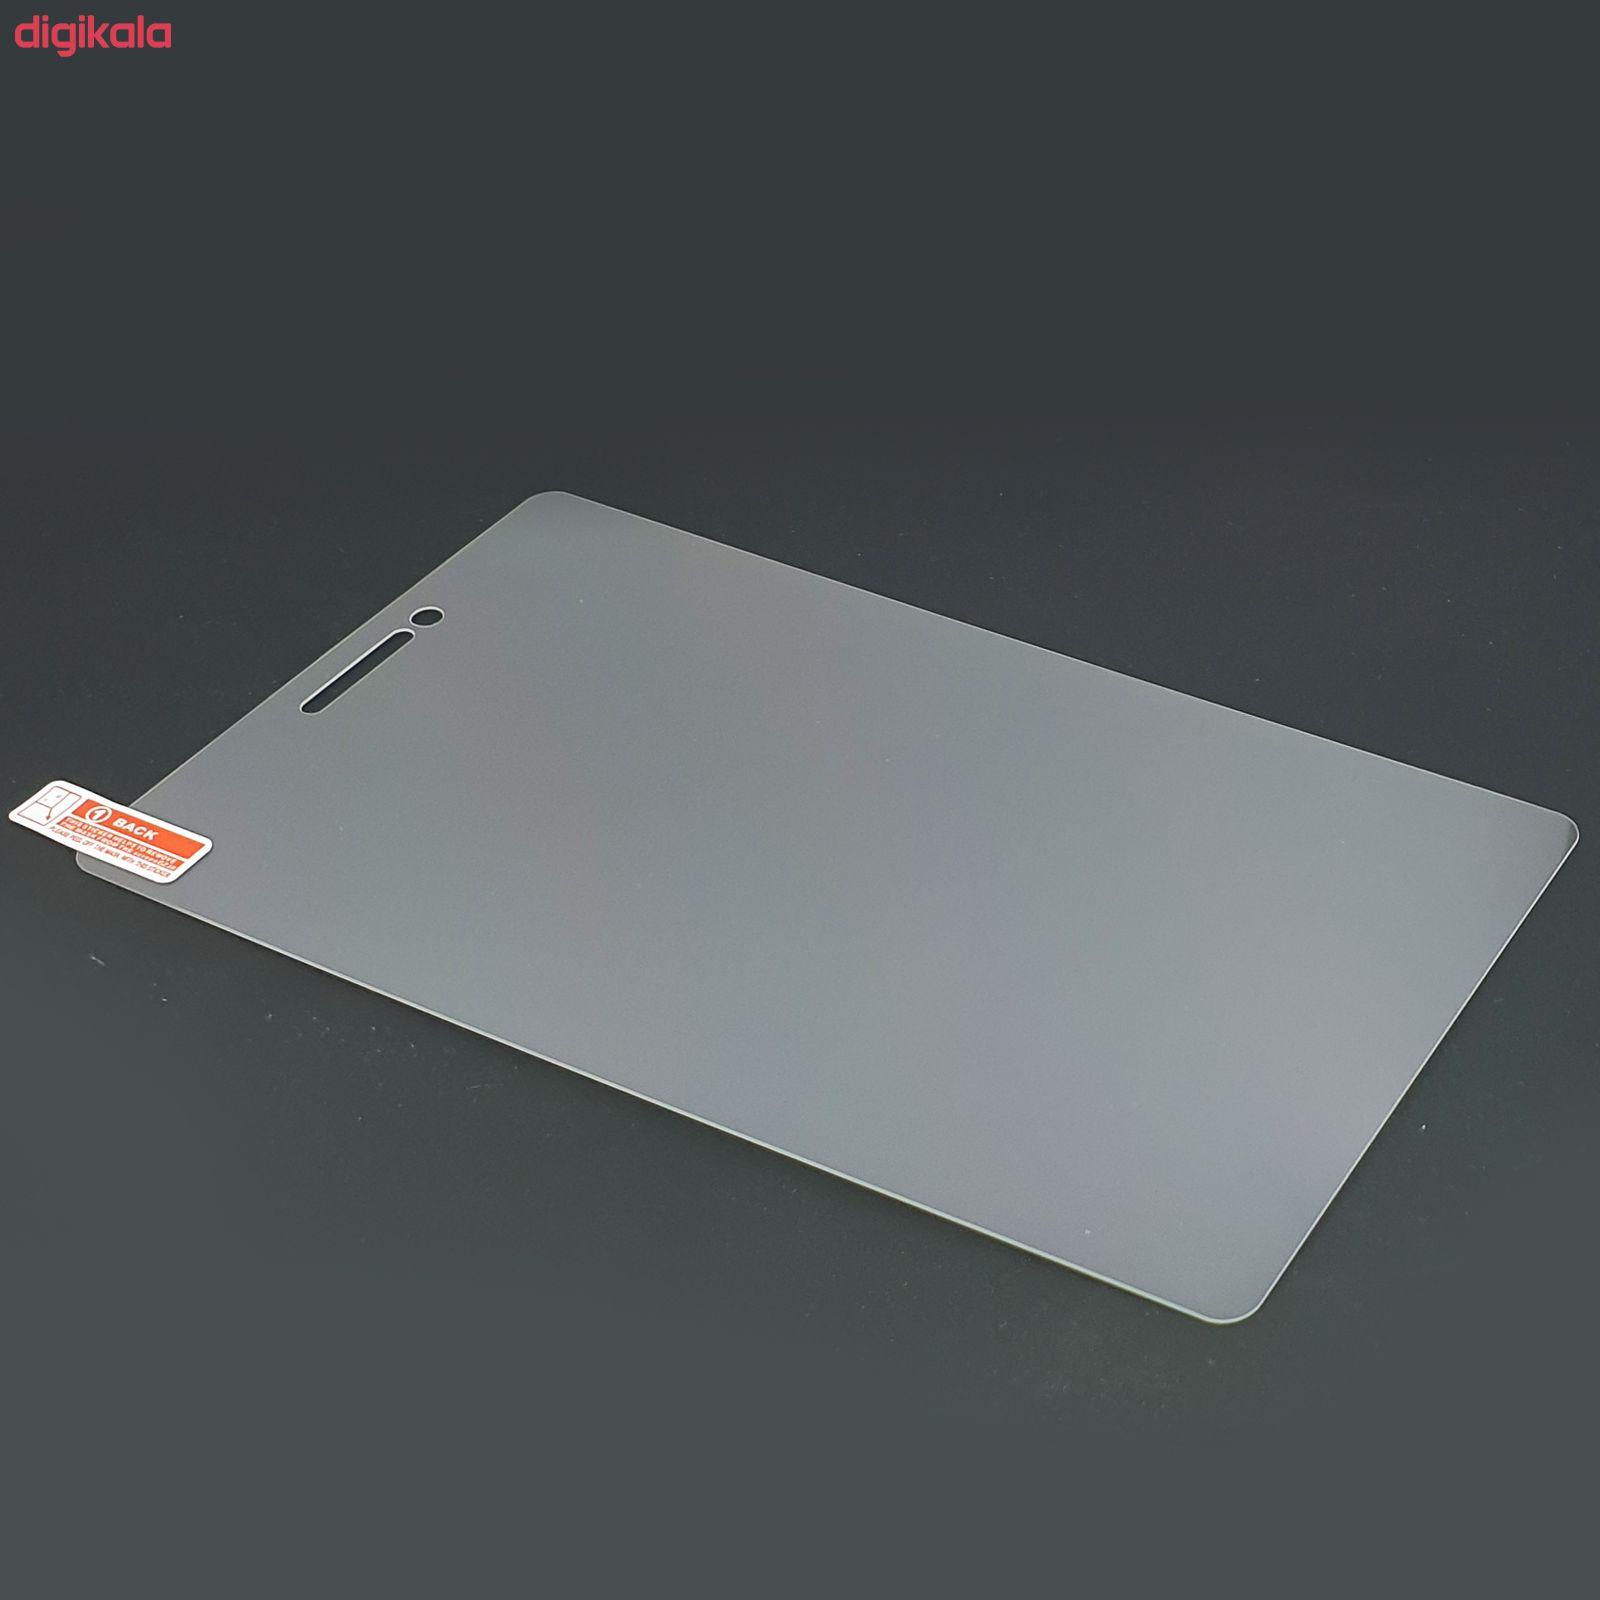 محافظ صفحه نمایش مدل TBA-24 مناسب برای تبلت لنوو Tab E7 7104 main 1 2